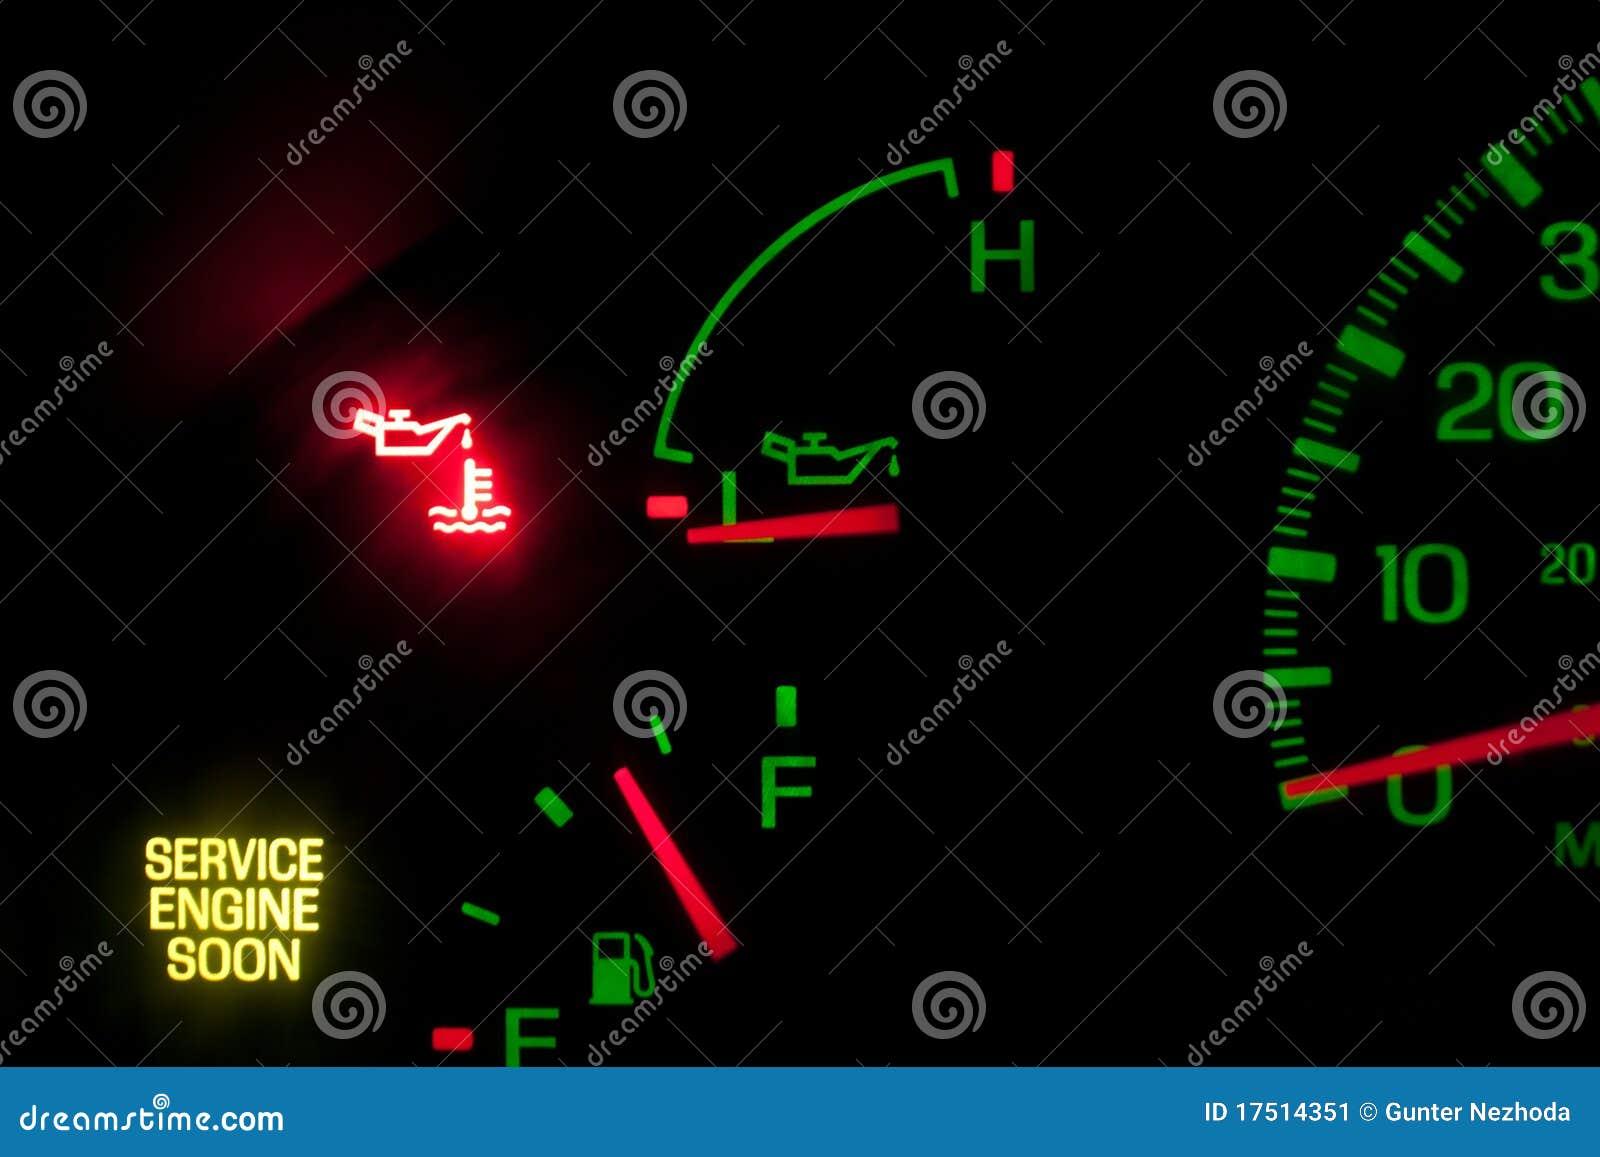 обслуживание давления масла двигателя скоро